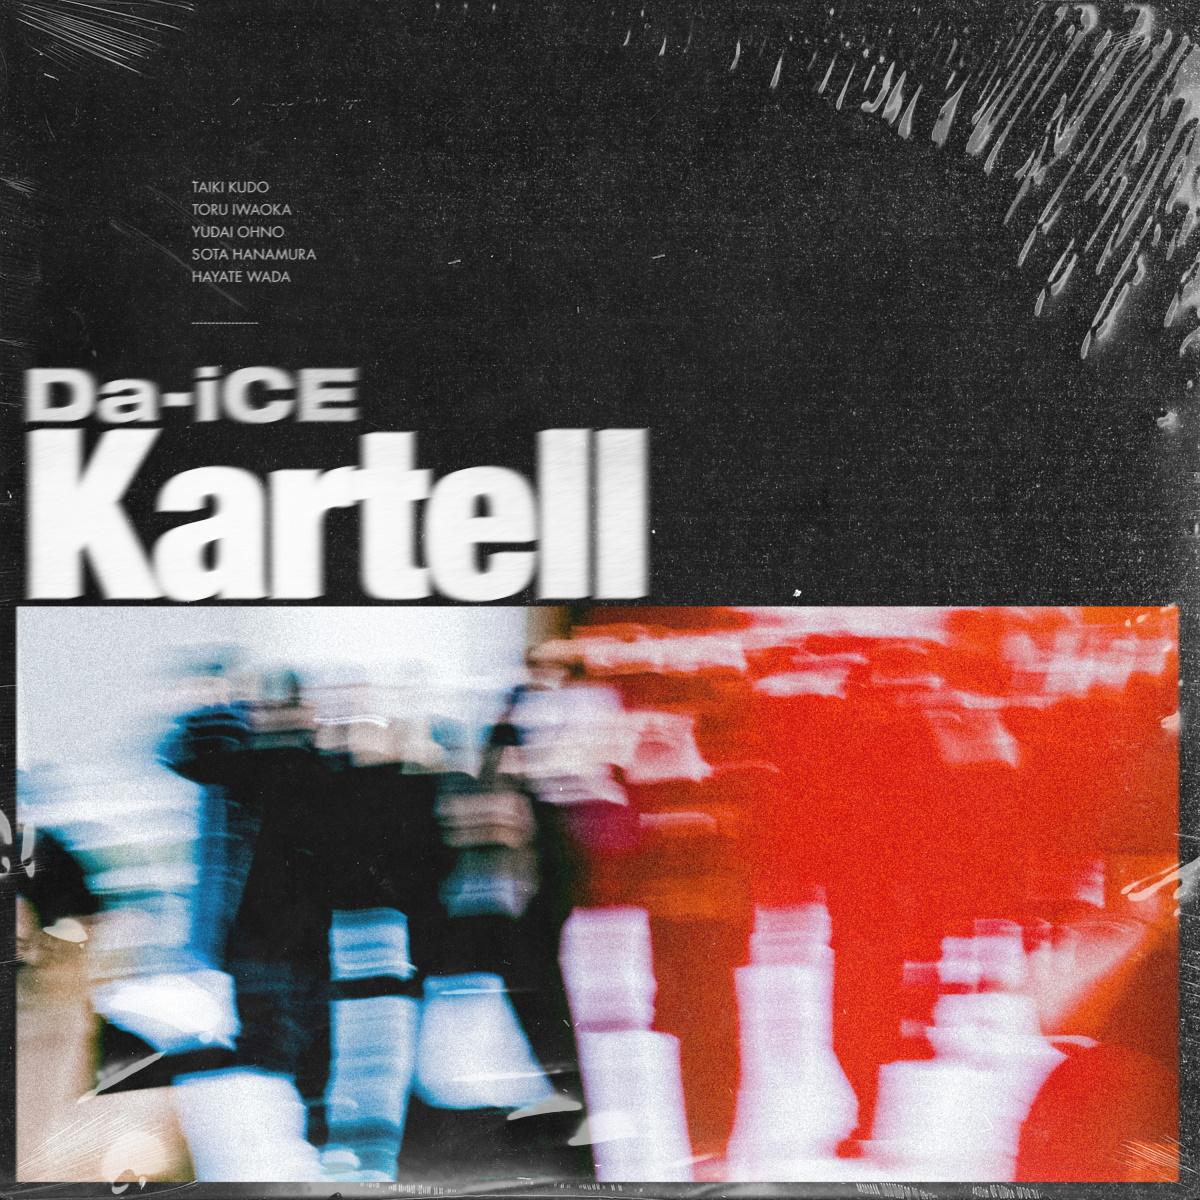 『Da-iCE - Kartell』収録の『Kartell』ジャケット